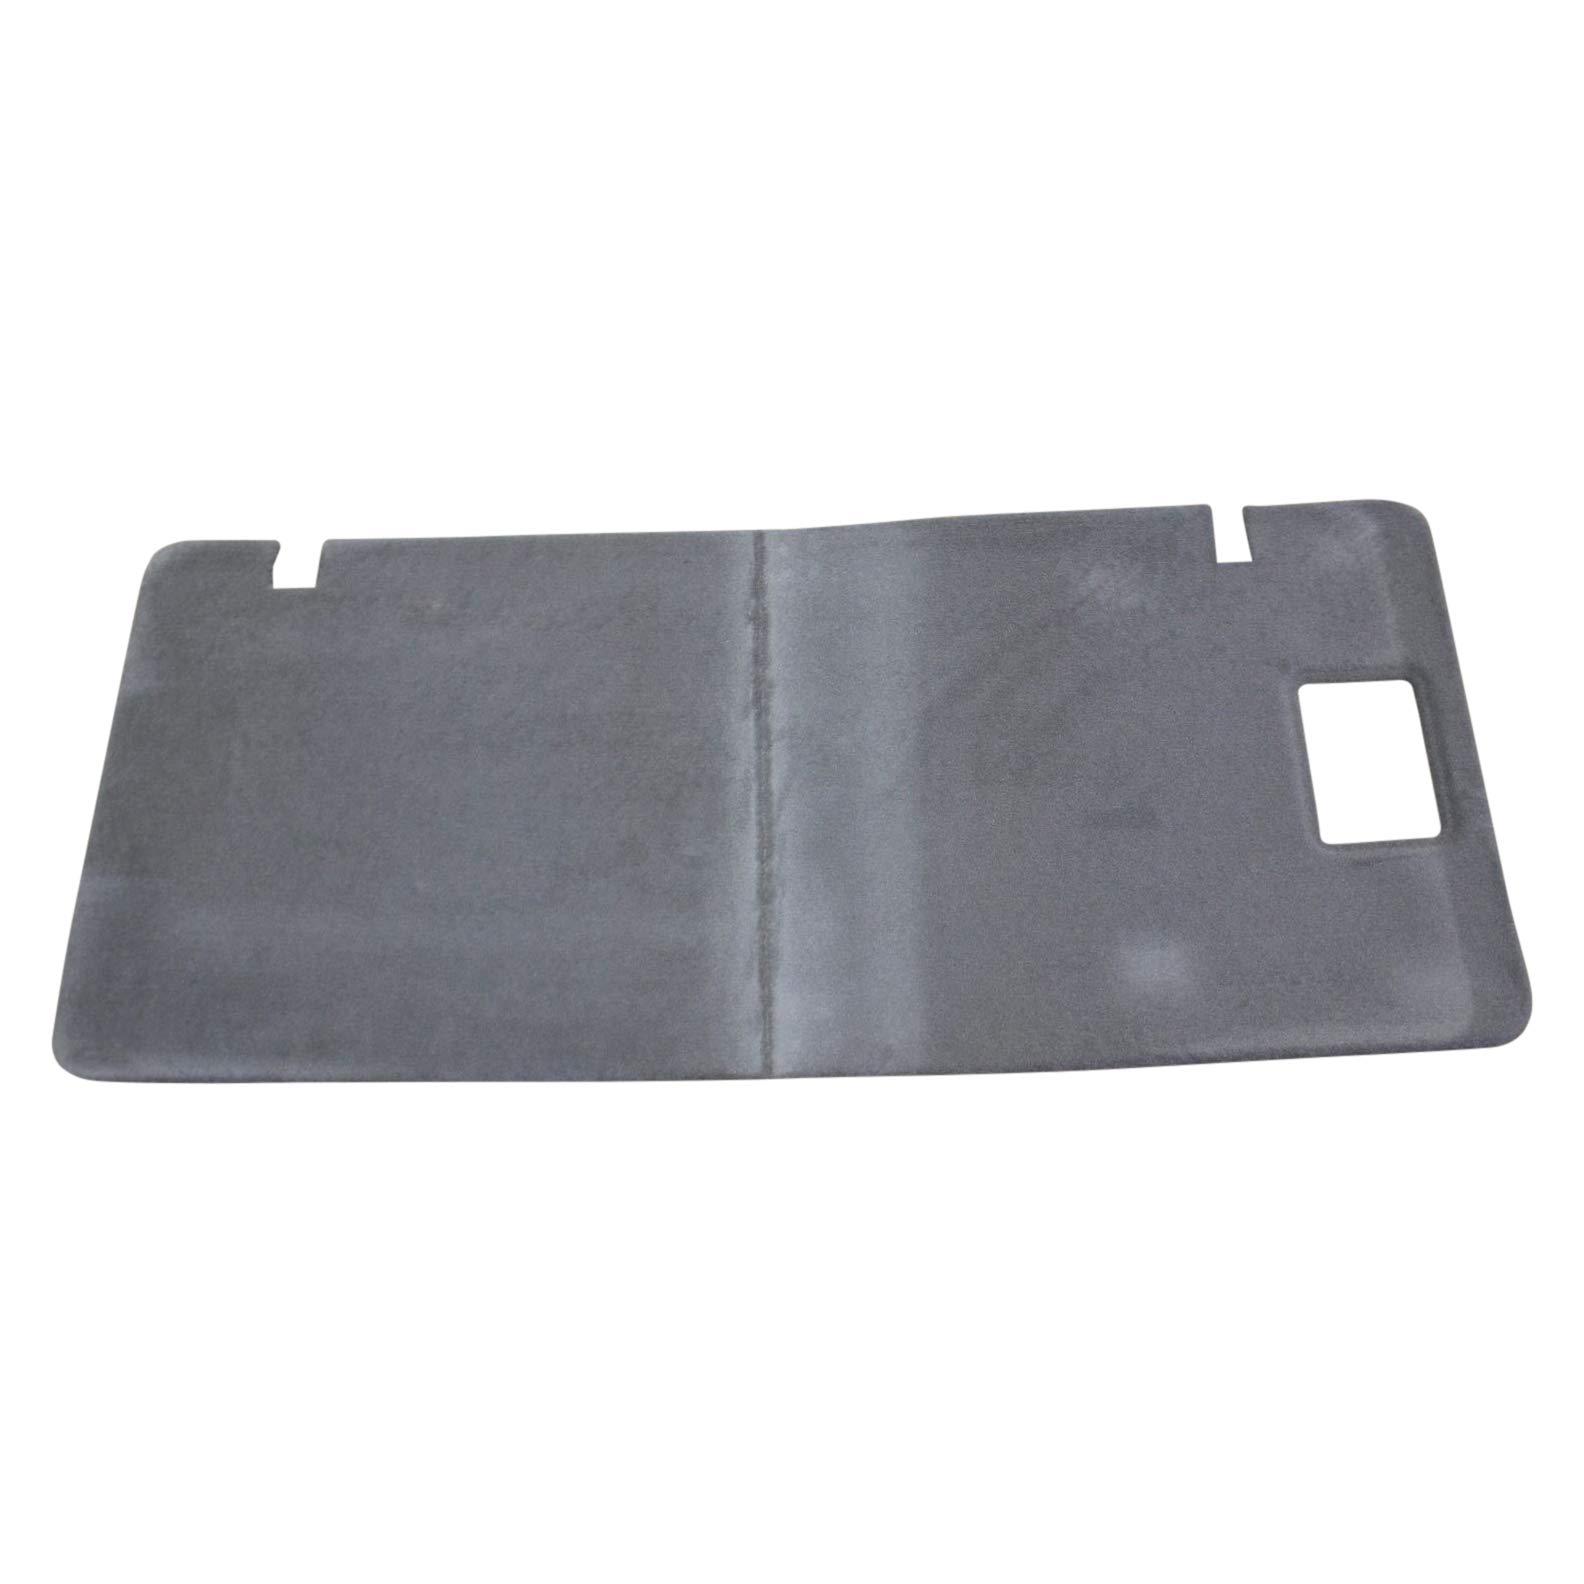 Ford DE9Z-7460512-EC - Panel Floor